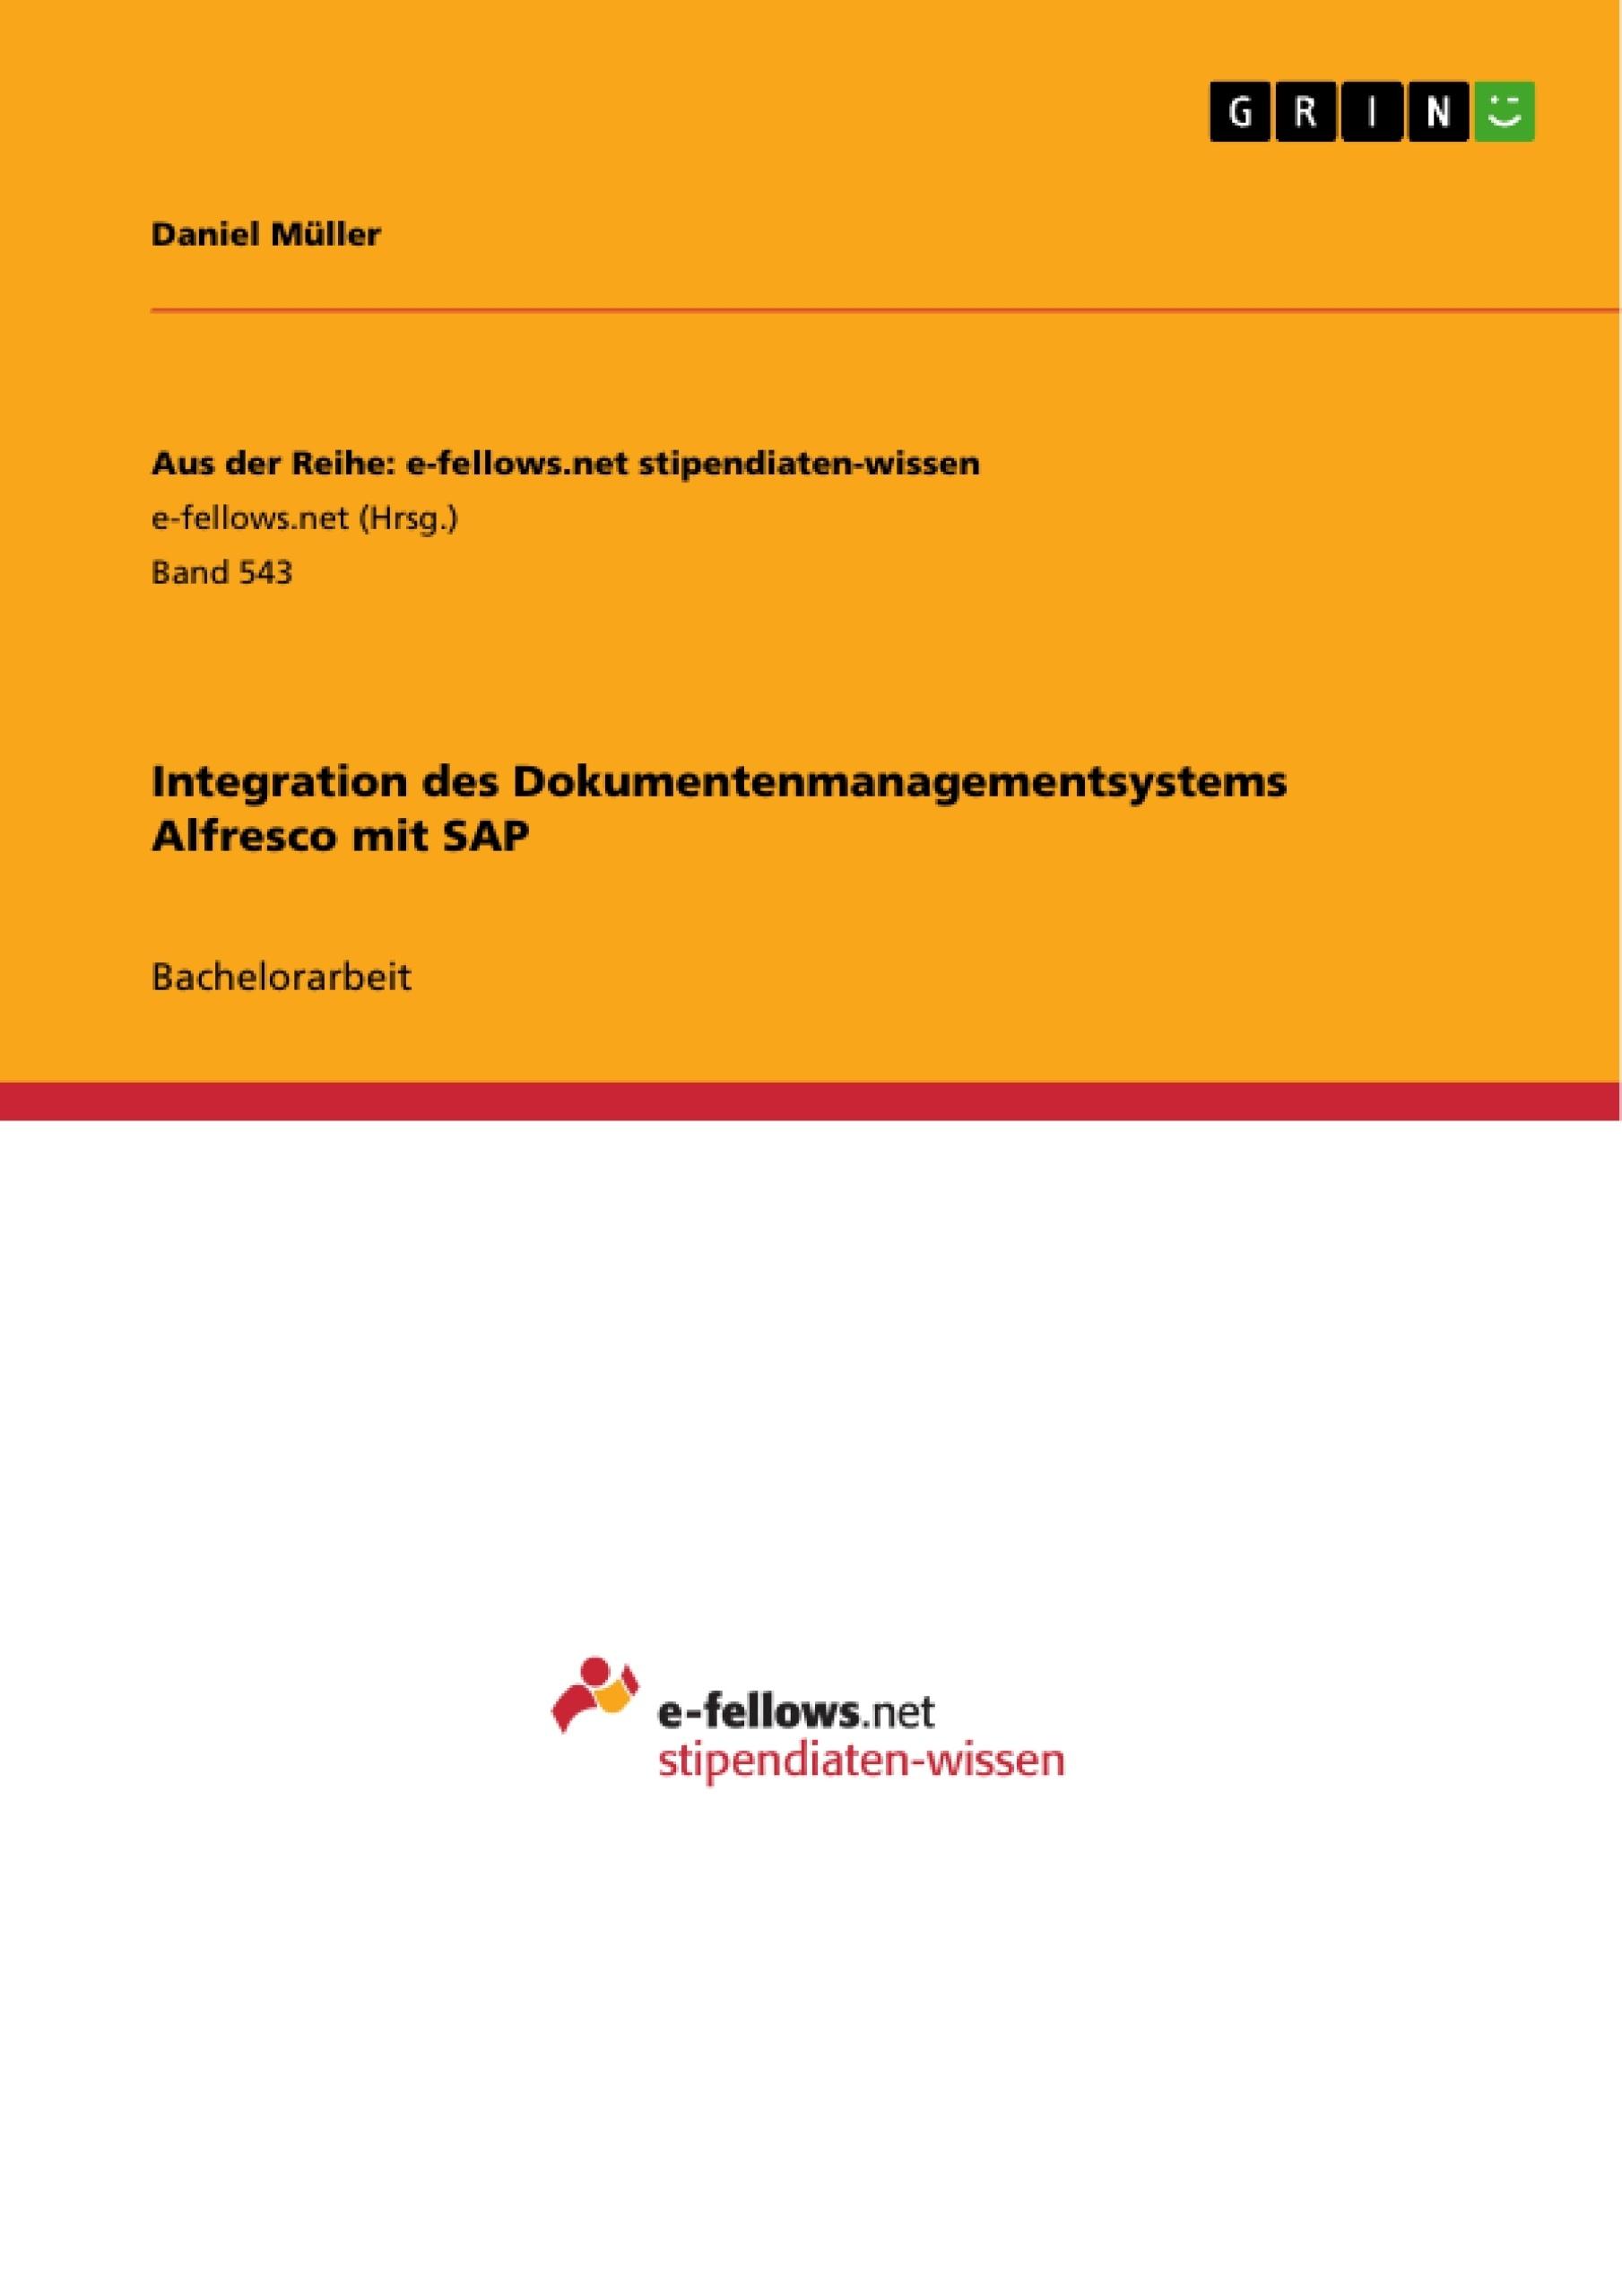 Titel: Integration des Dokumentenmanagementsystems Alfresco mit SAP